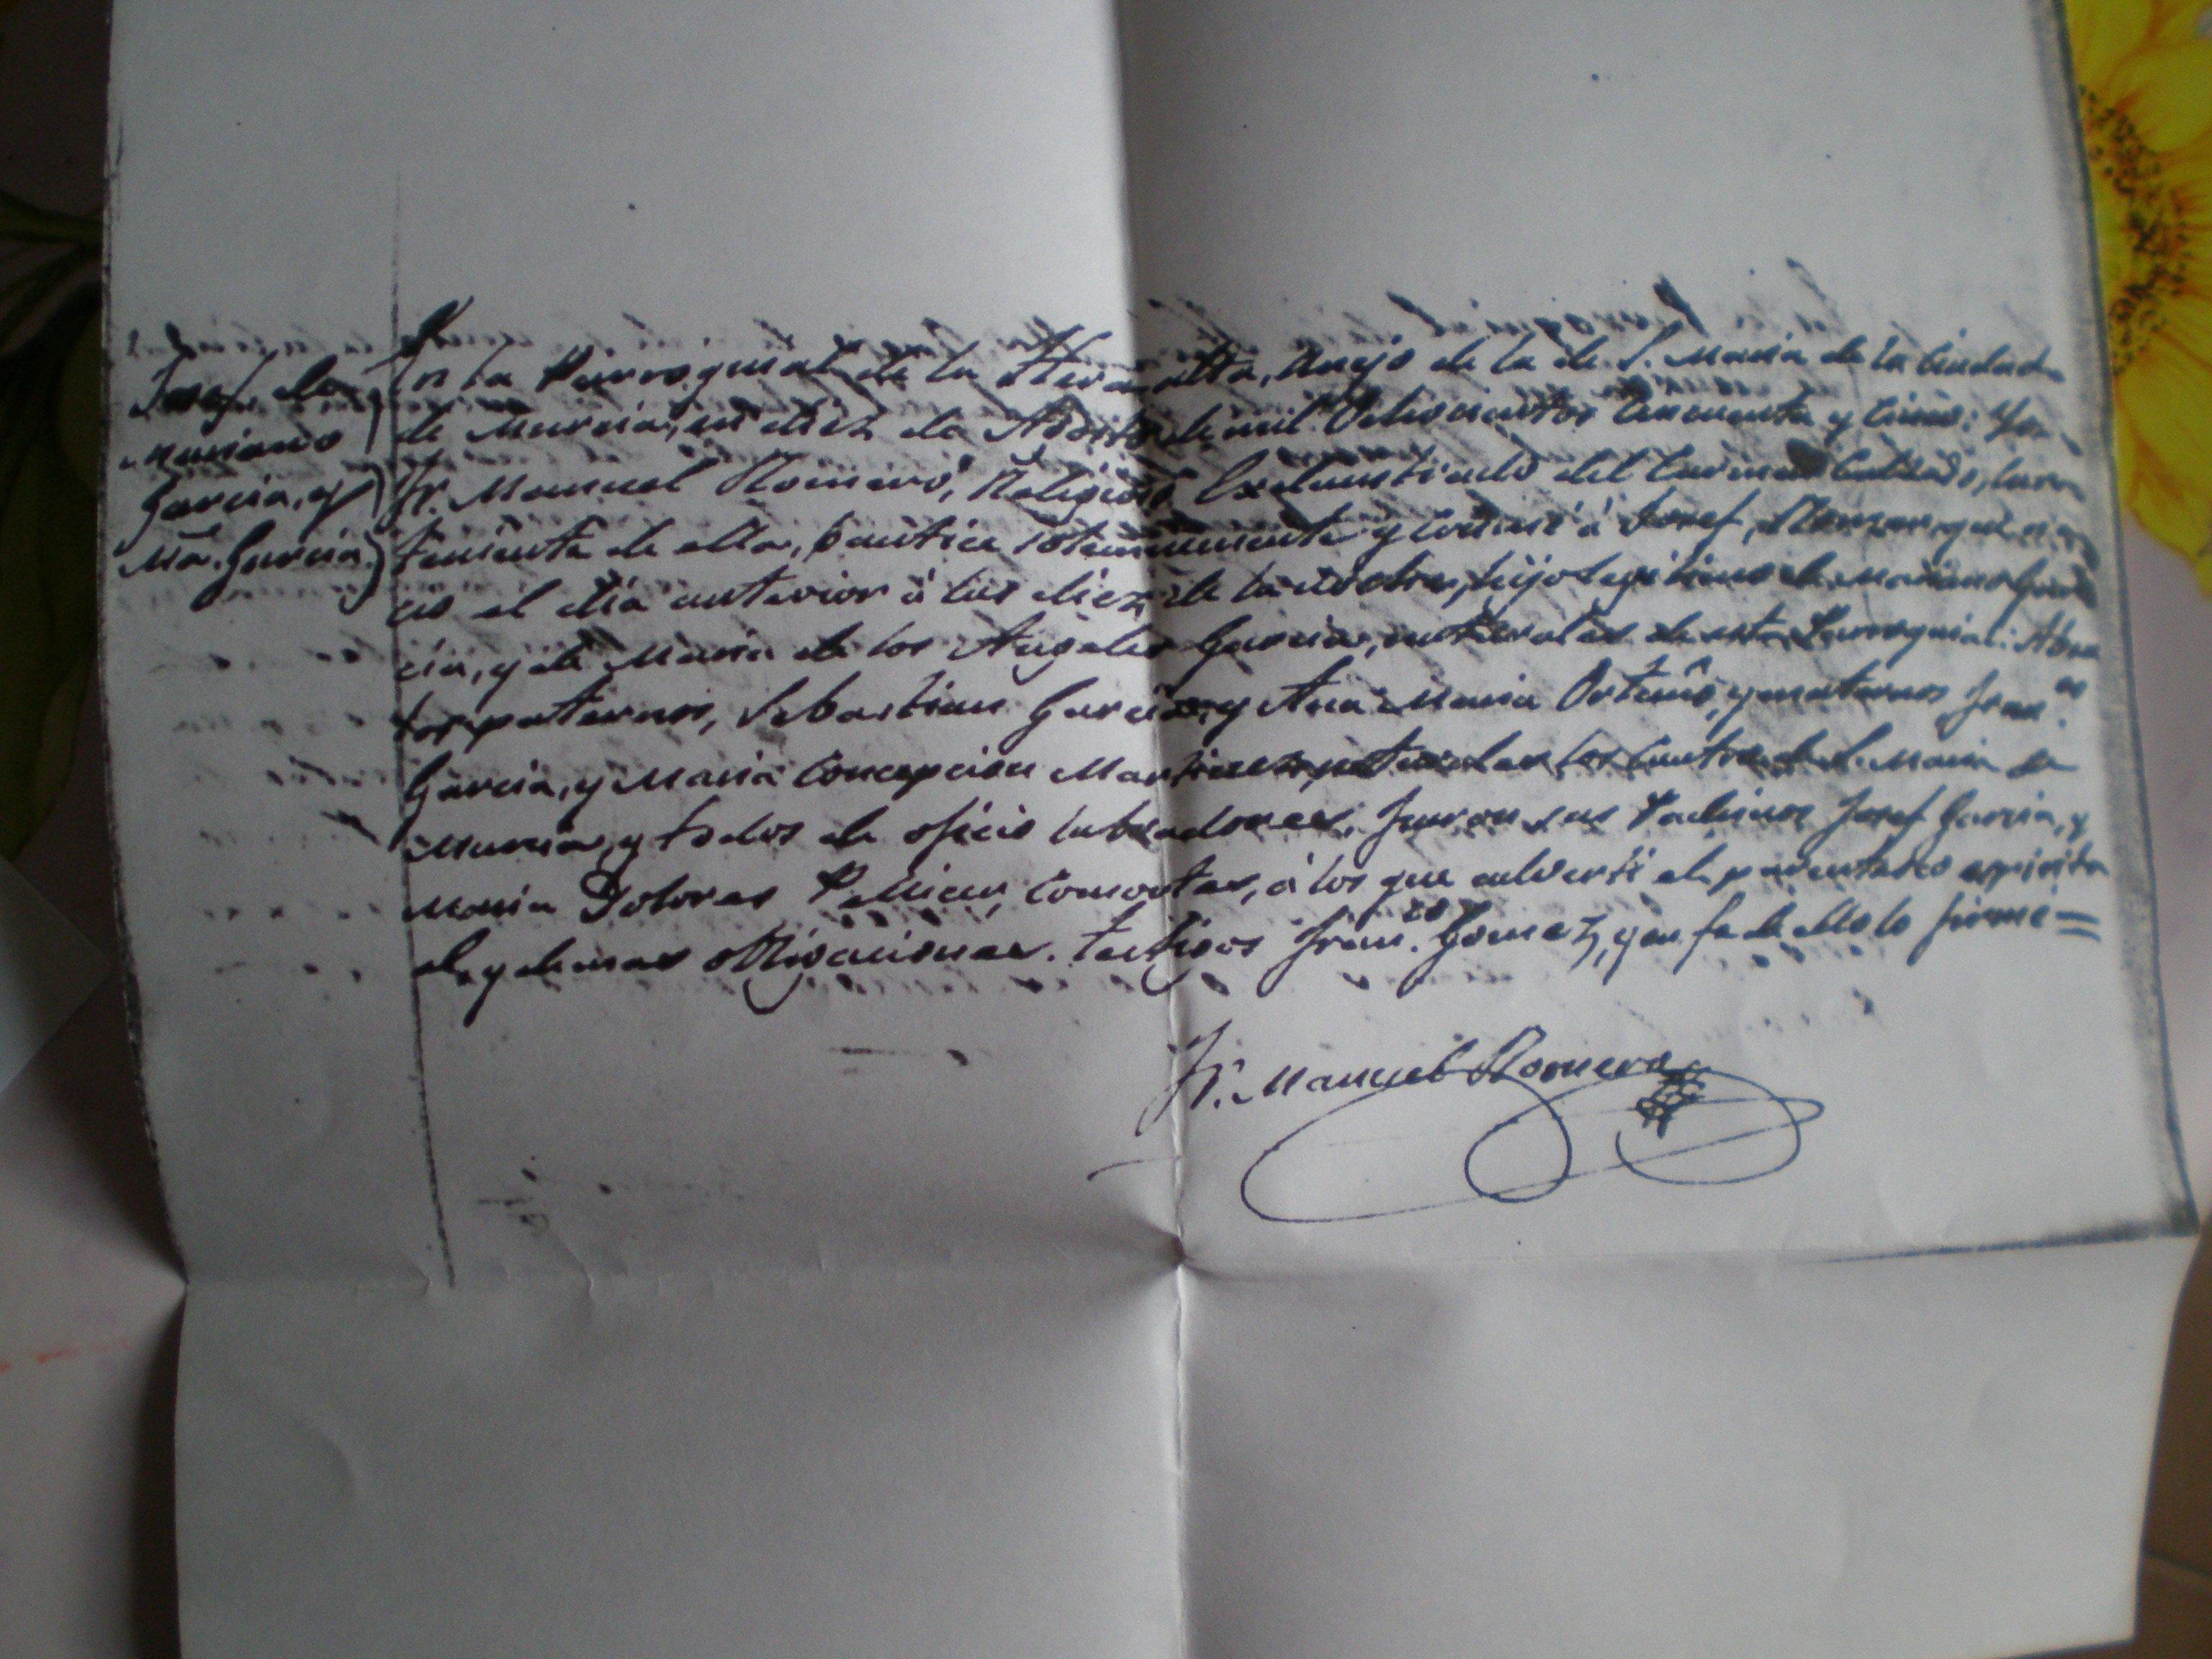 Partida de bautismo de 1855